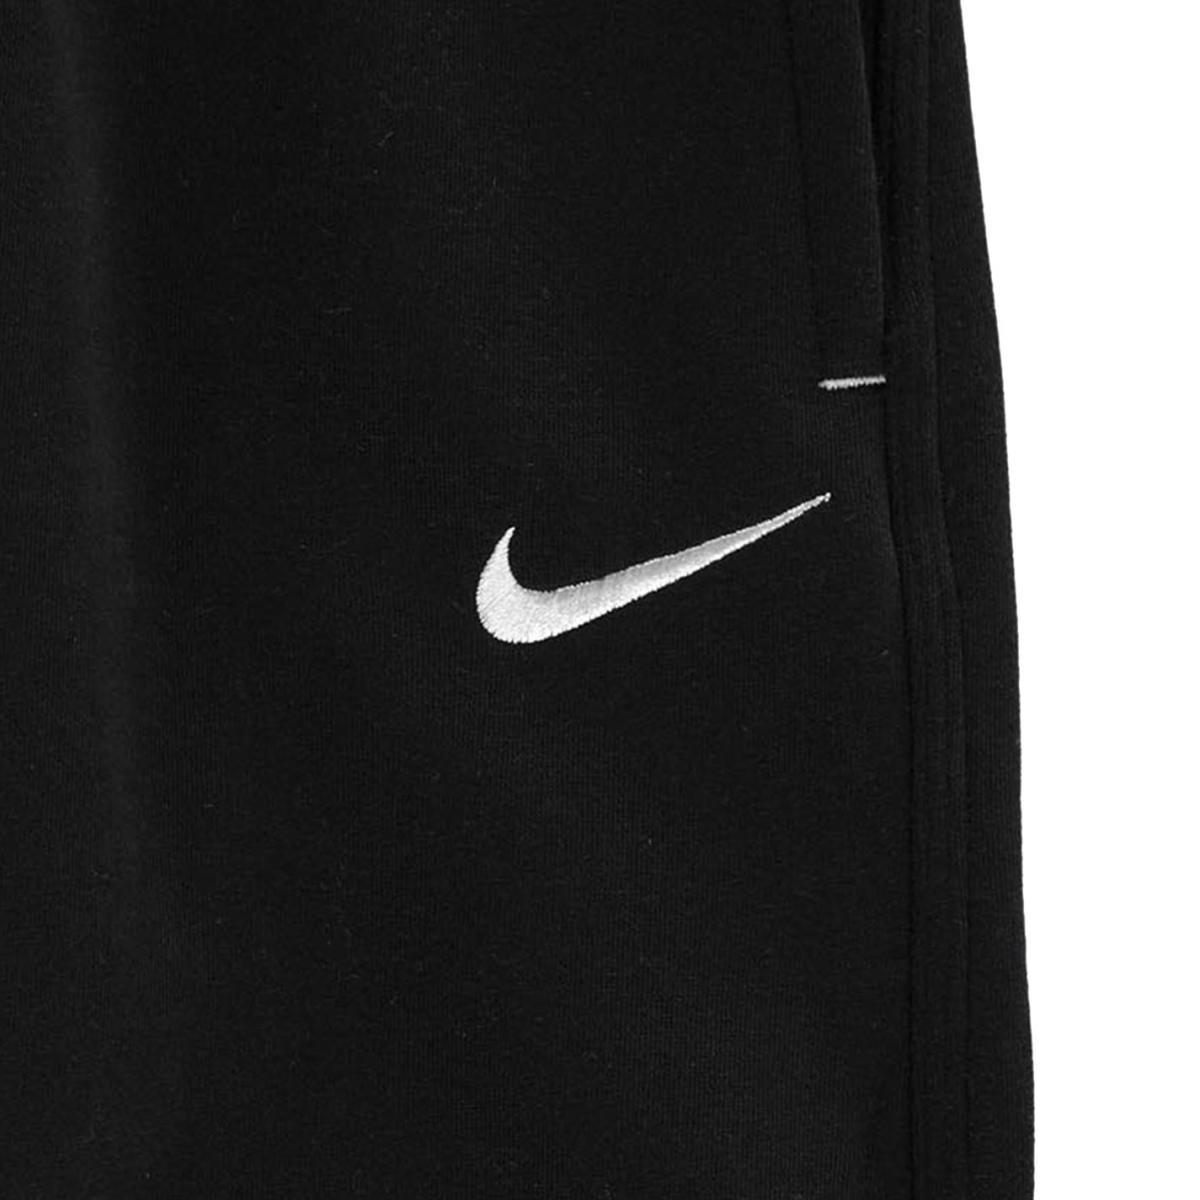 Details zu Nike Trainingshose Jogginghose Sporthose Kinder Jungen Freizeit Fleece 1000